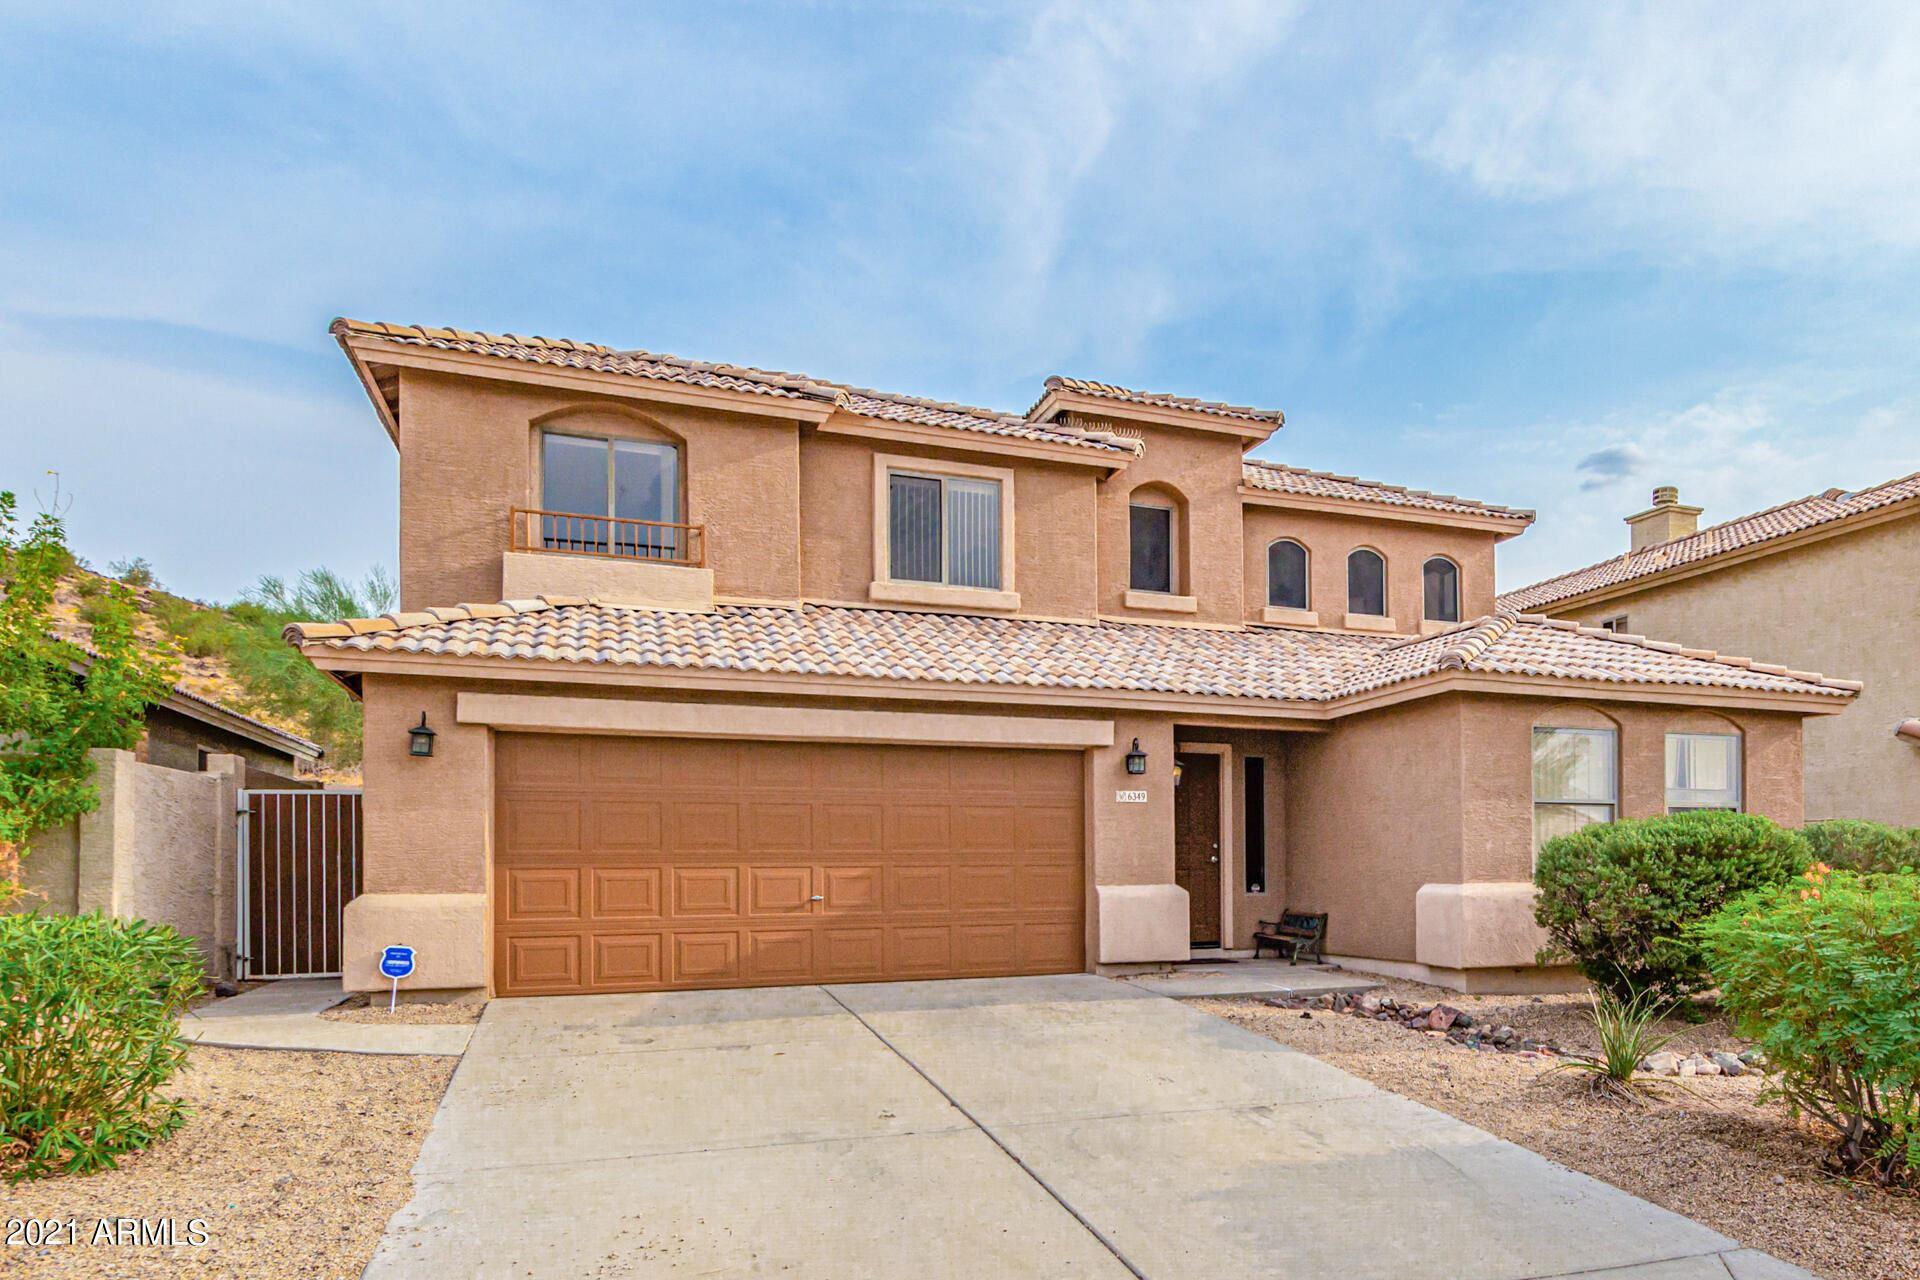 Photo of 6349 W VILLA LINDA Drive, Glendale, AZ 85310 (MLS # 6269130)